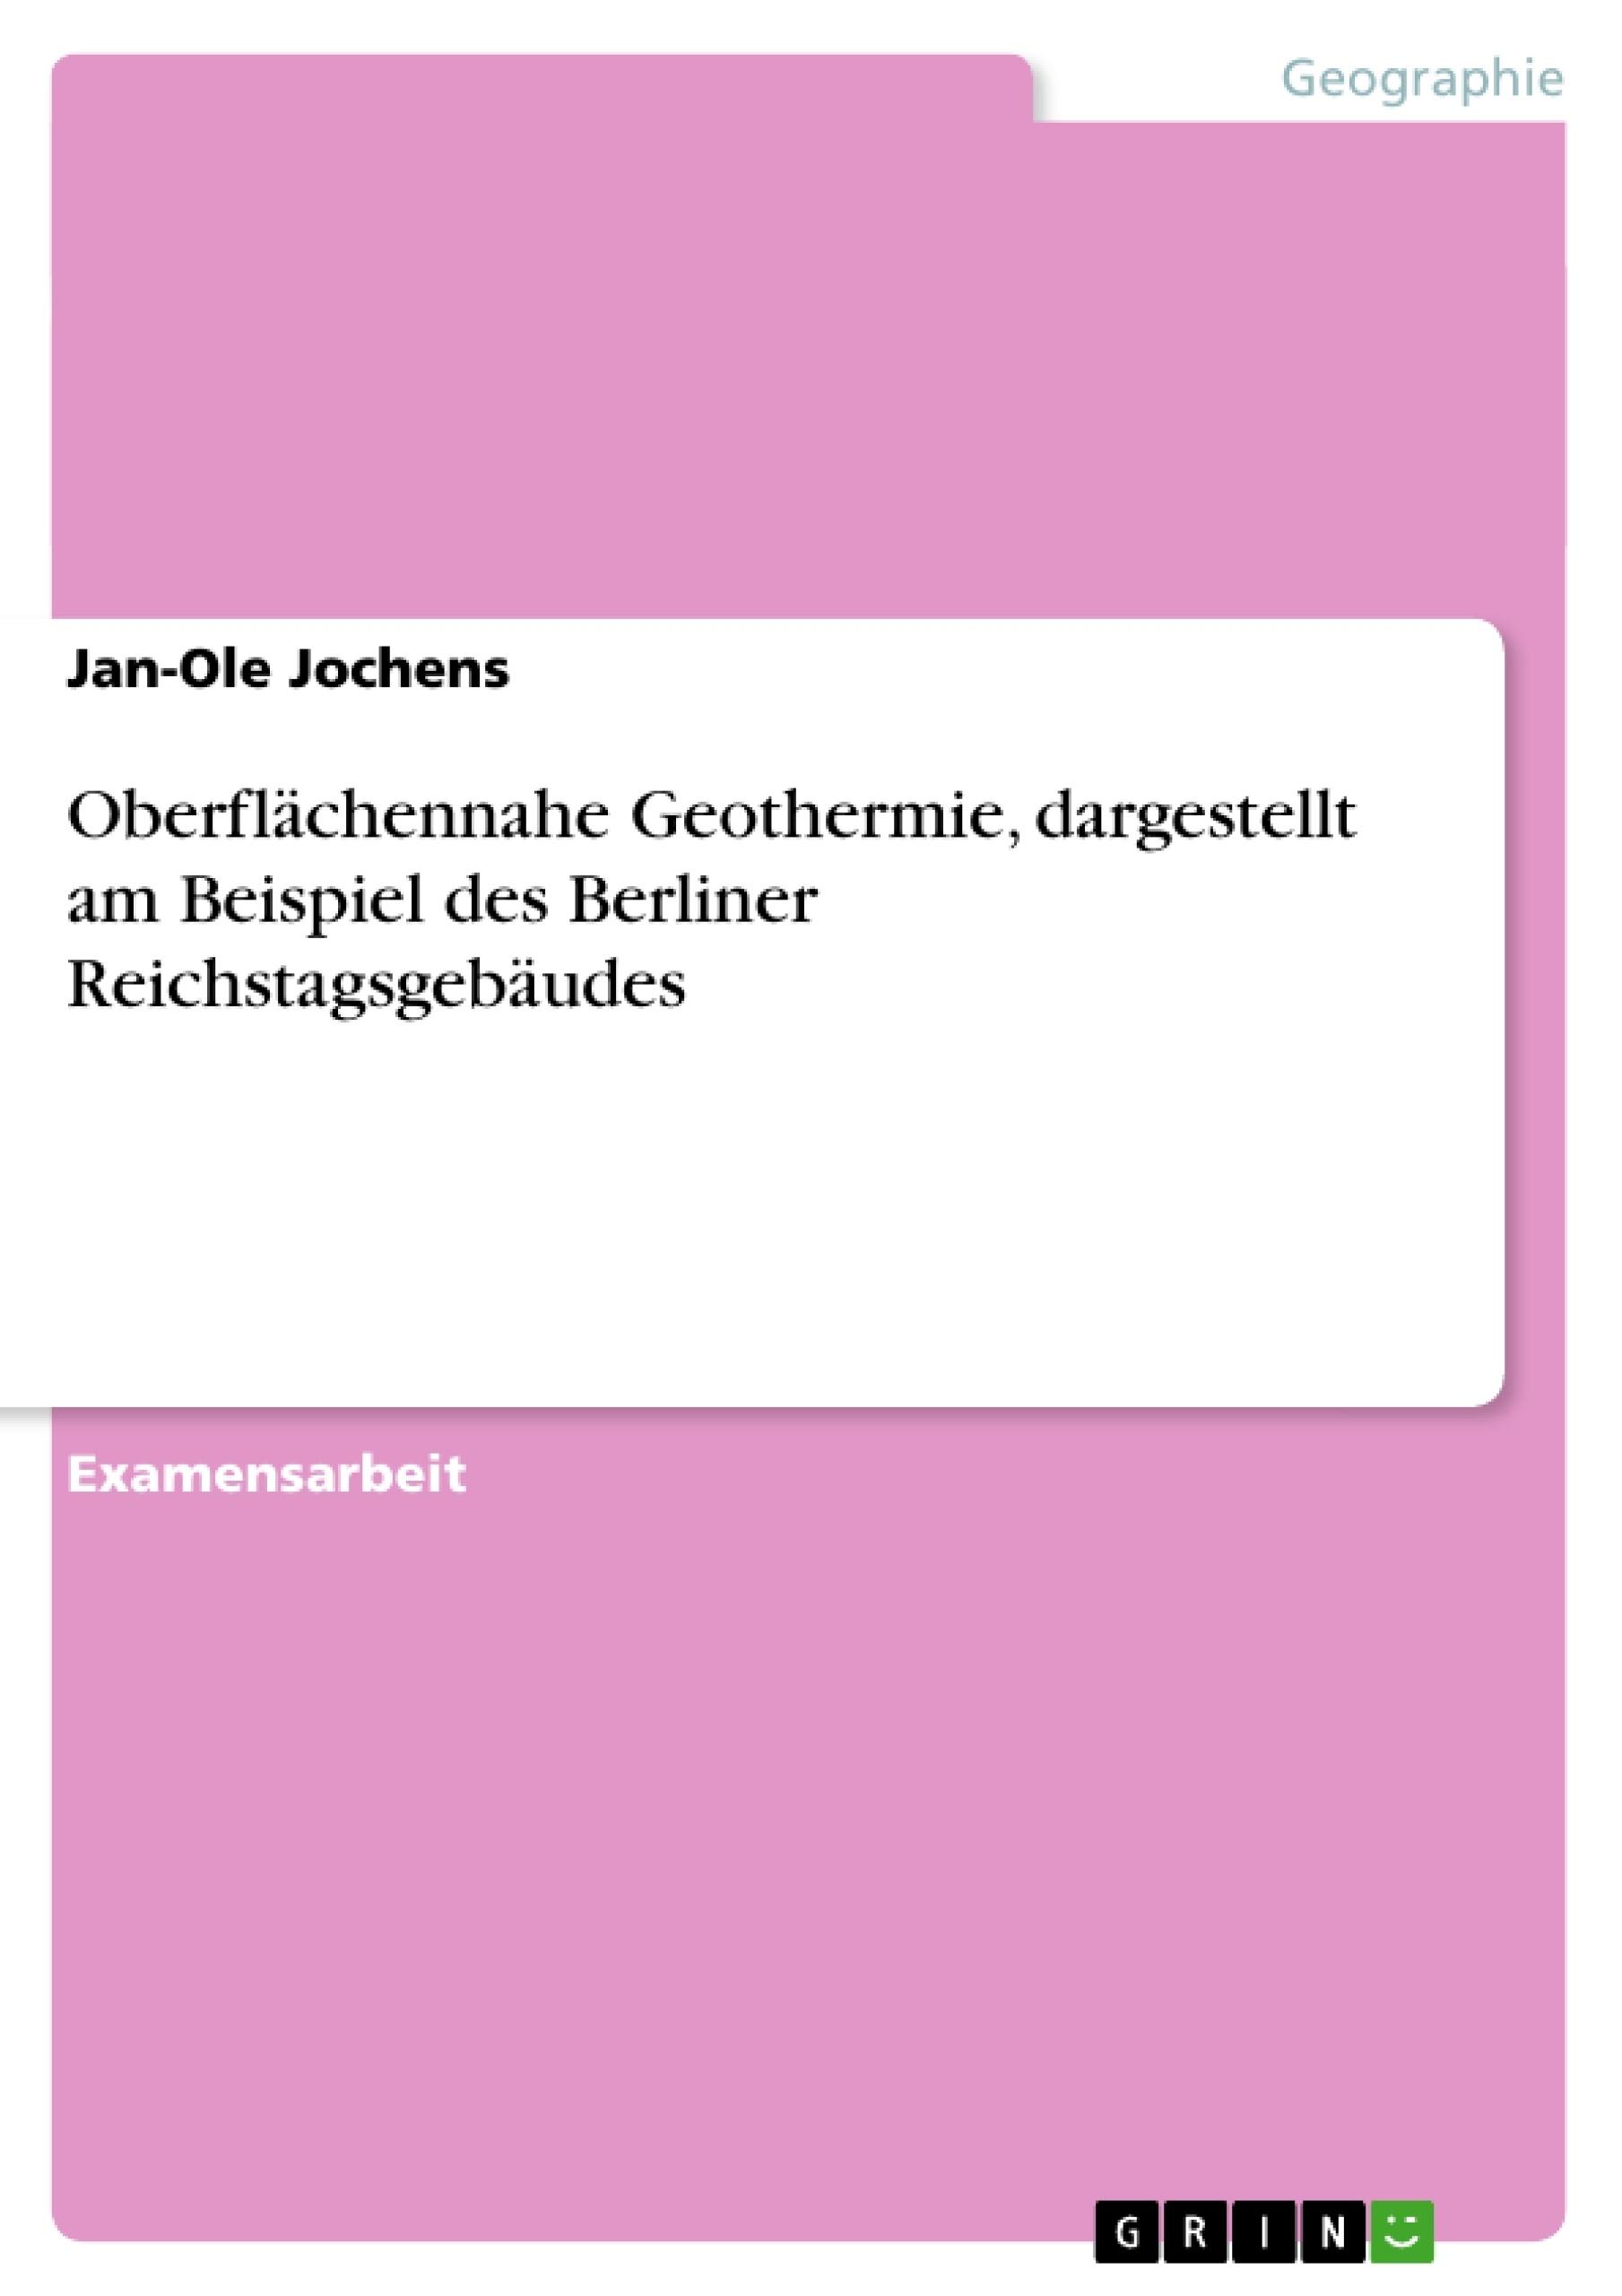 Titel: Oberflächennahe Geothermie, dargestellt am Beispiel des Berliner Reichstagsgebäudes